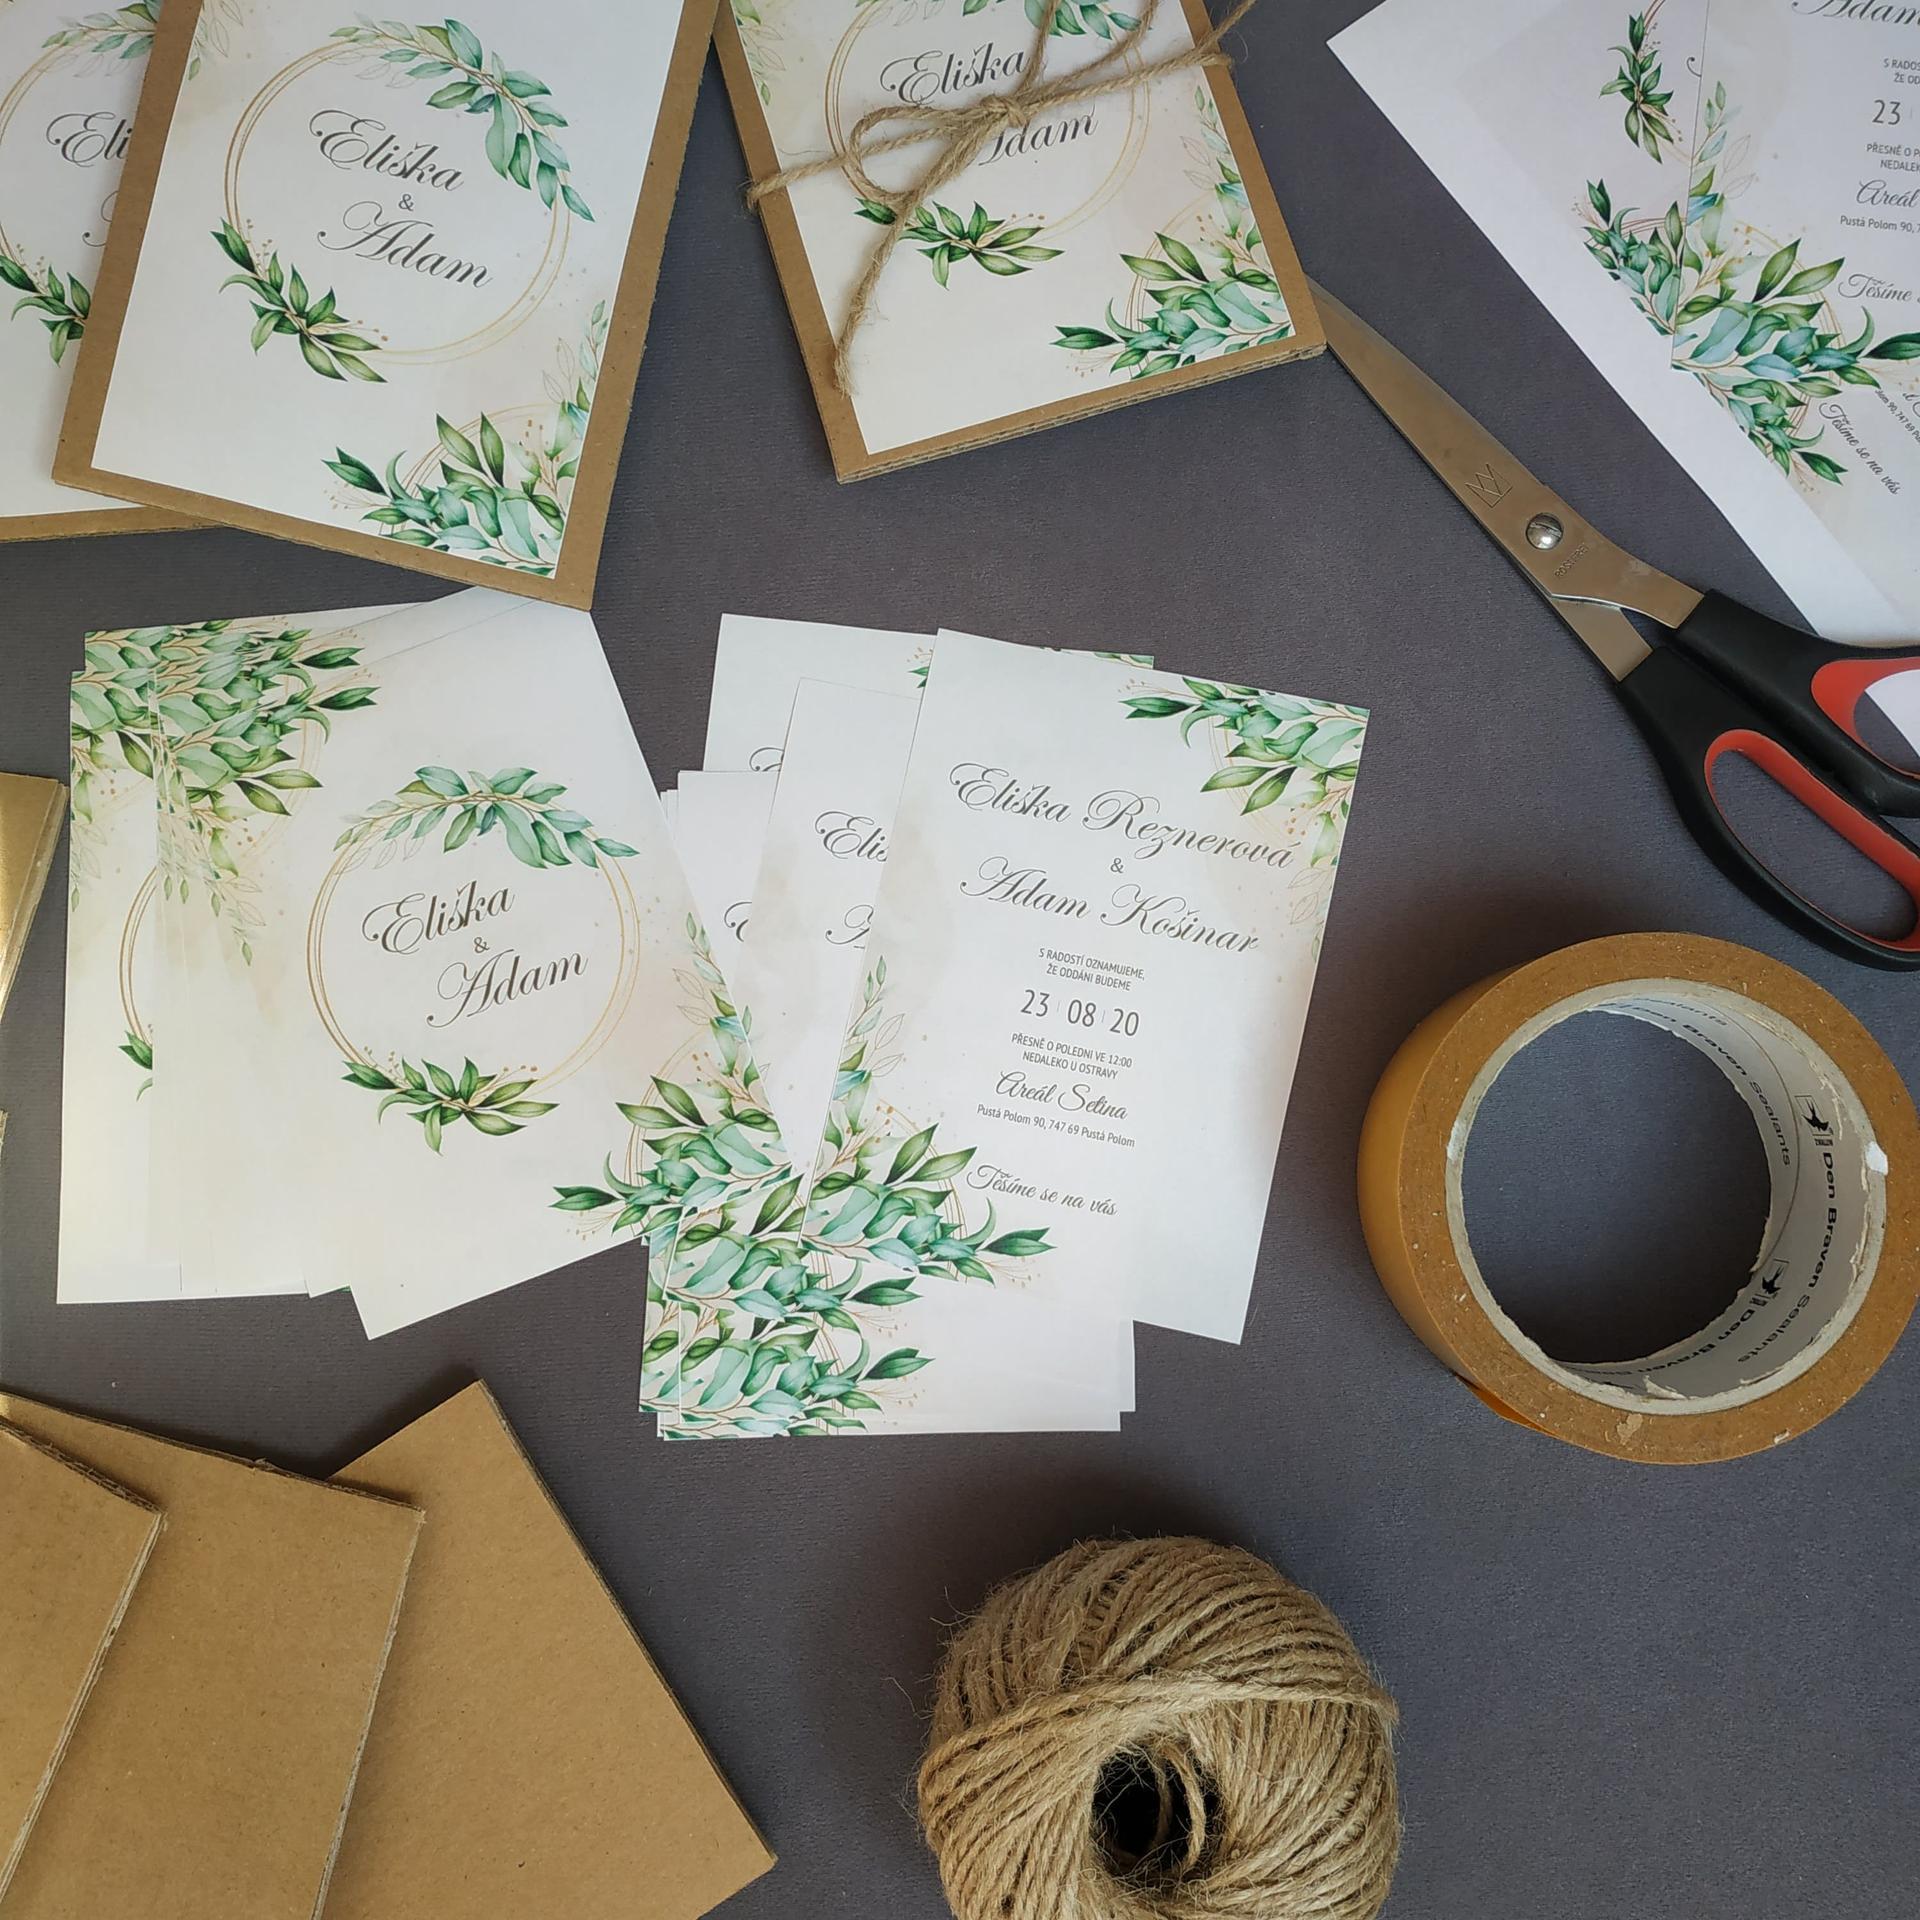 Svatební oznámení - Z příprav. Vytištěno na pracovní tiskárně, lepeno na karton.